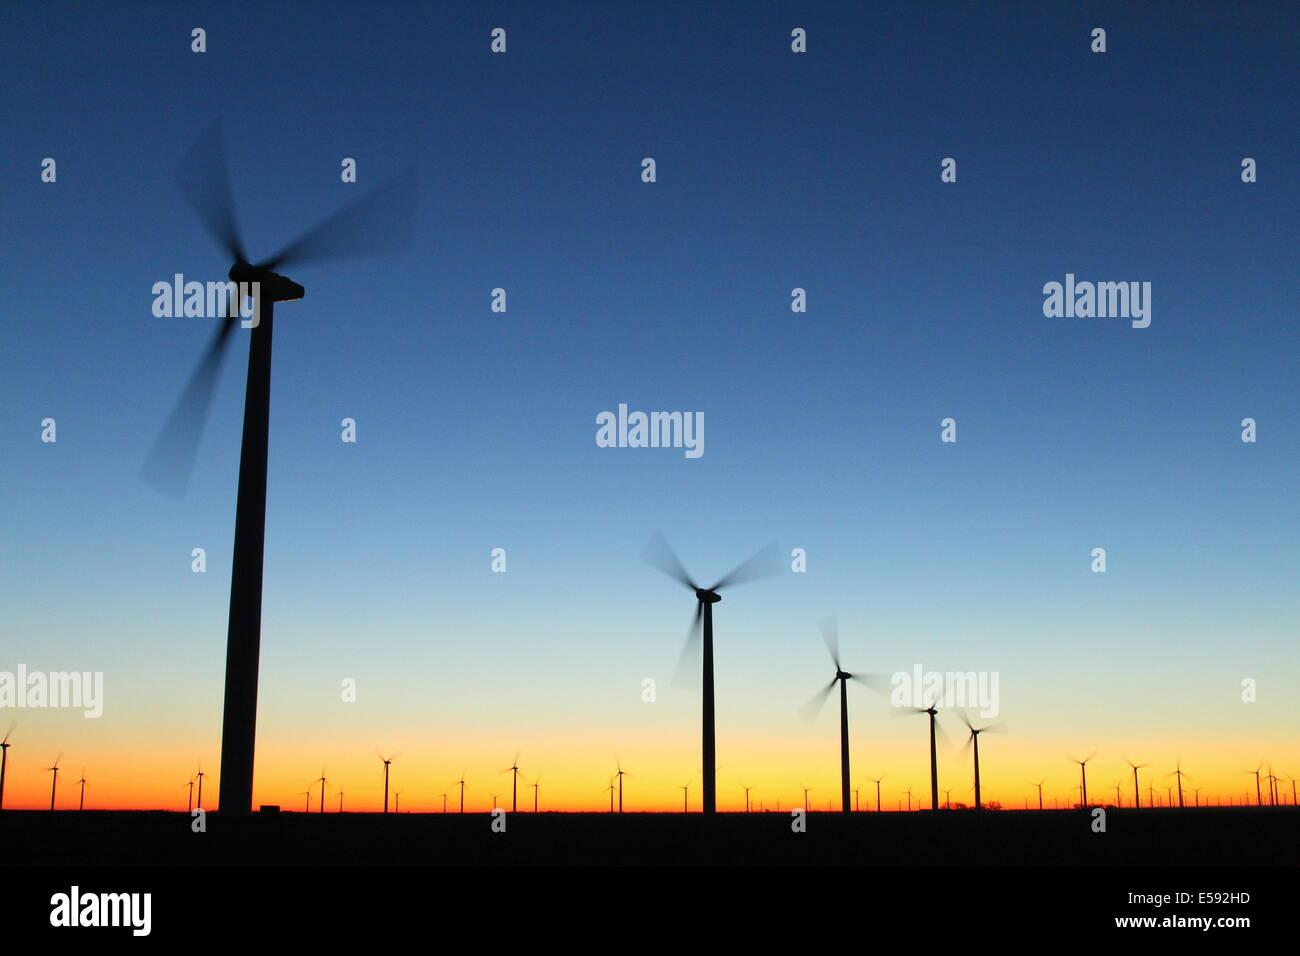 Turbine erneuerbare Energiequelle Generierung Windpark in der Abenddämmerung in Texas, USA. Stockbild